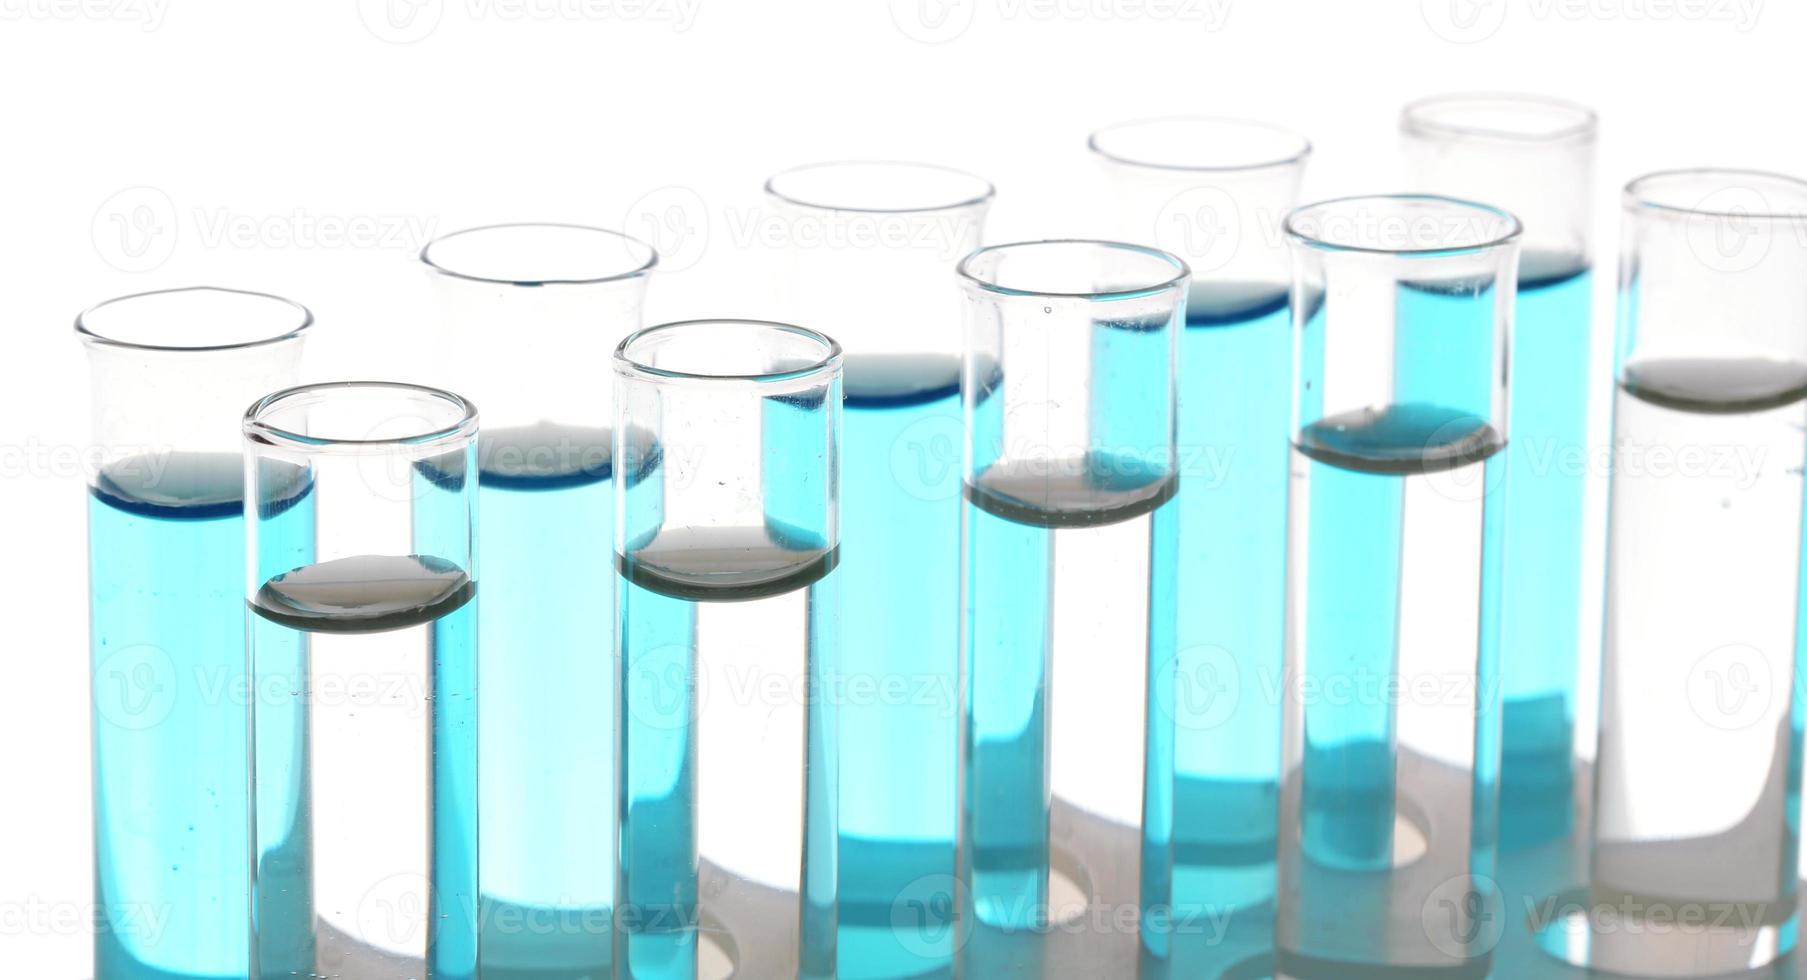 Test tubes isolated on white photo